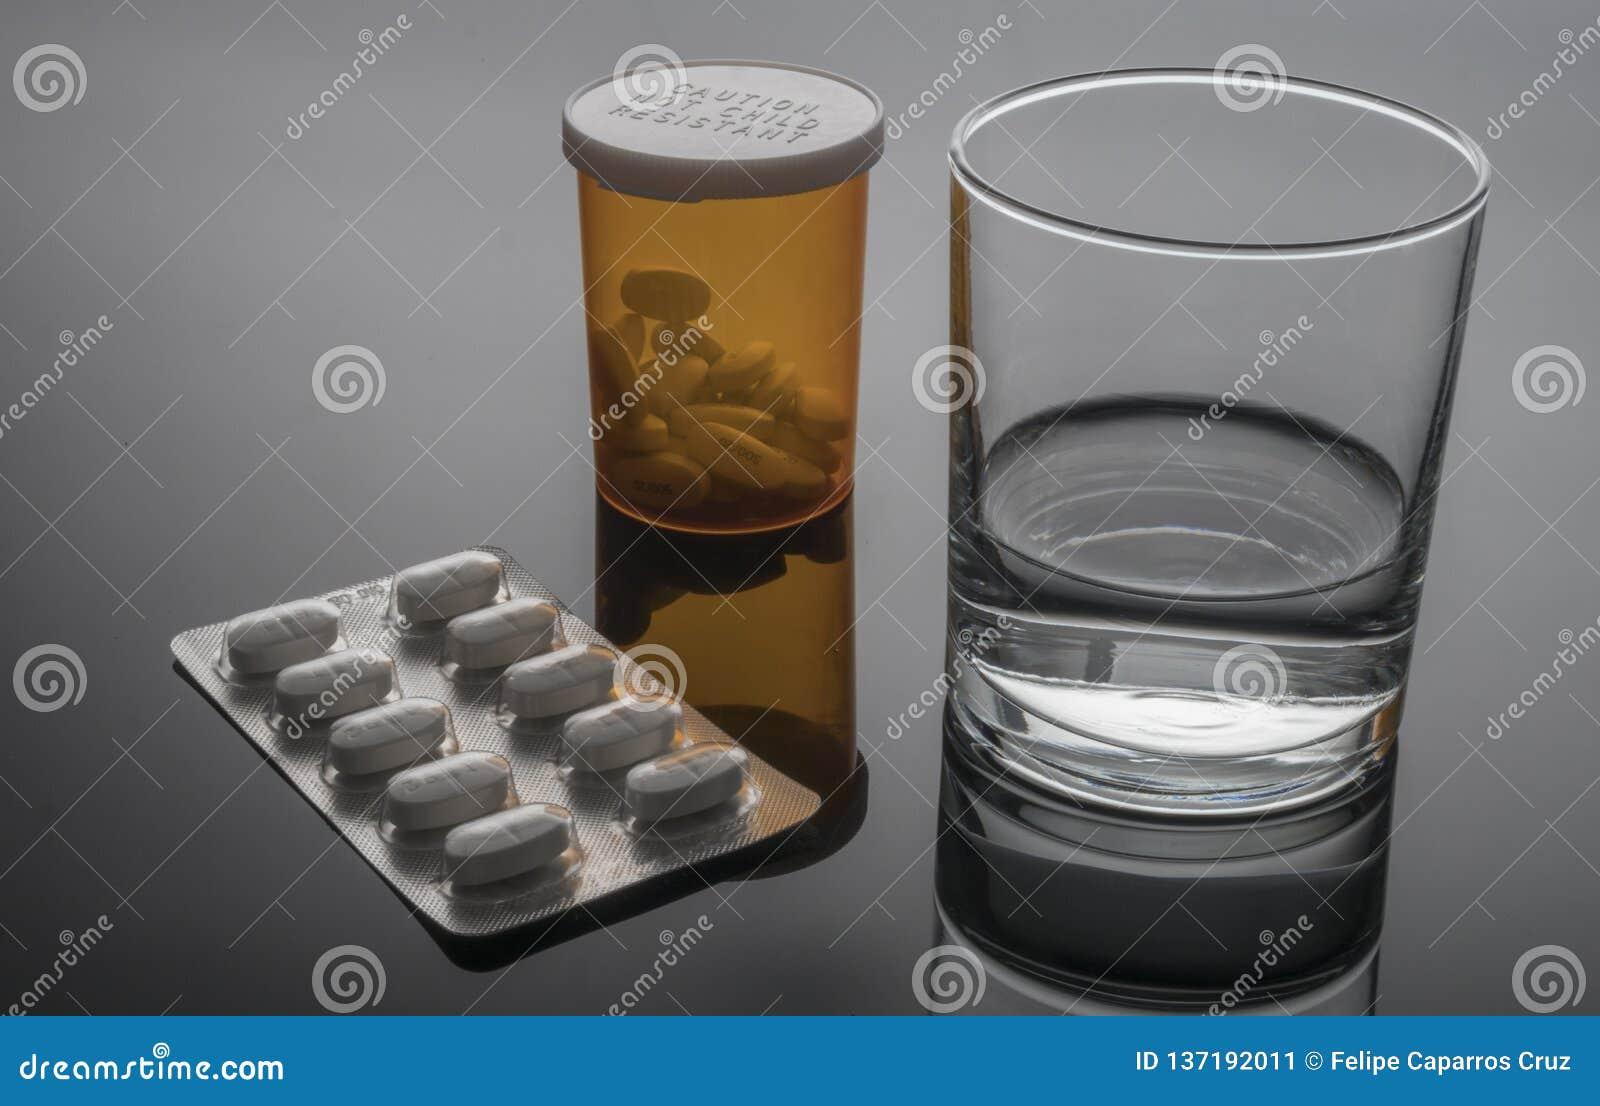 Bicchiere d acqua accanto a blister delle pillole